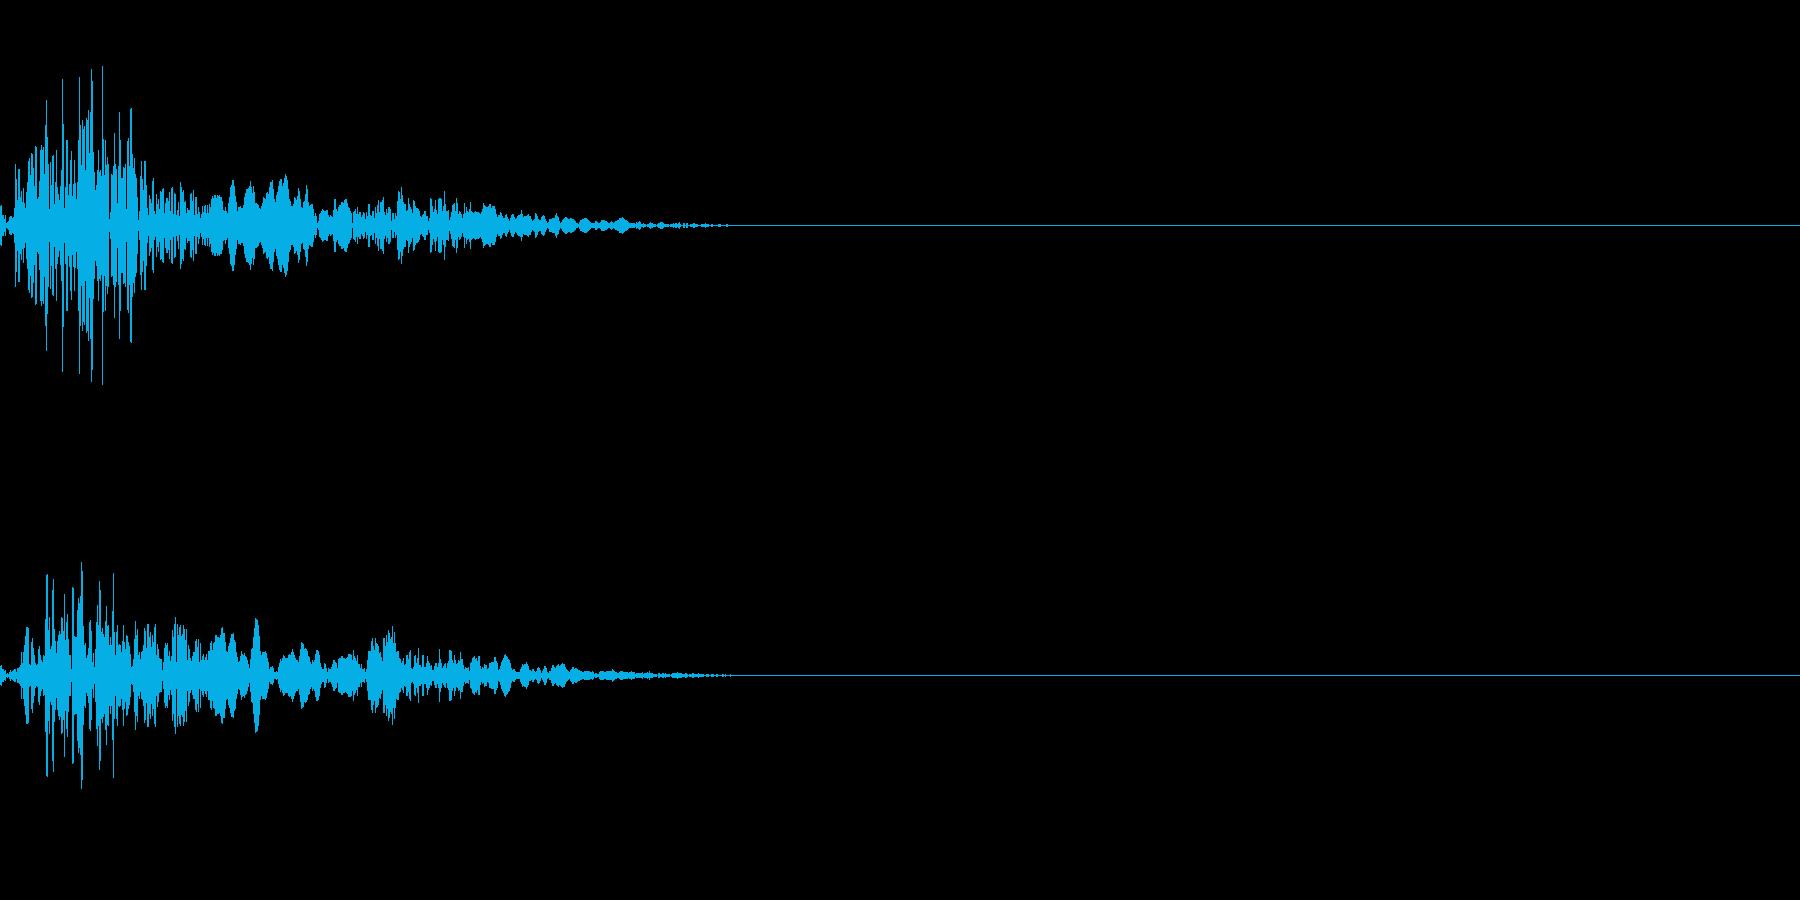 心臓の音(胎内/ドックン)の再生済みの波形